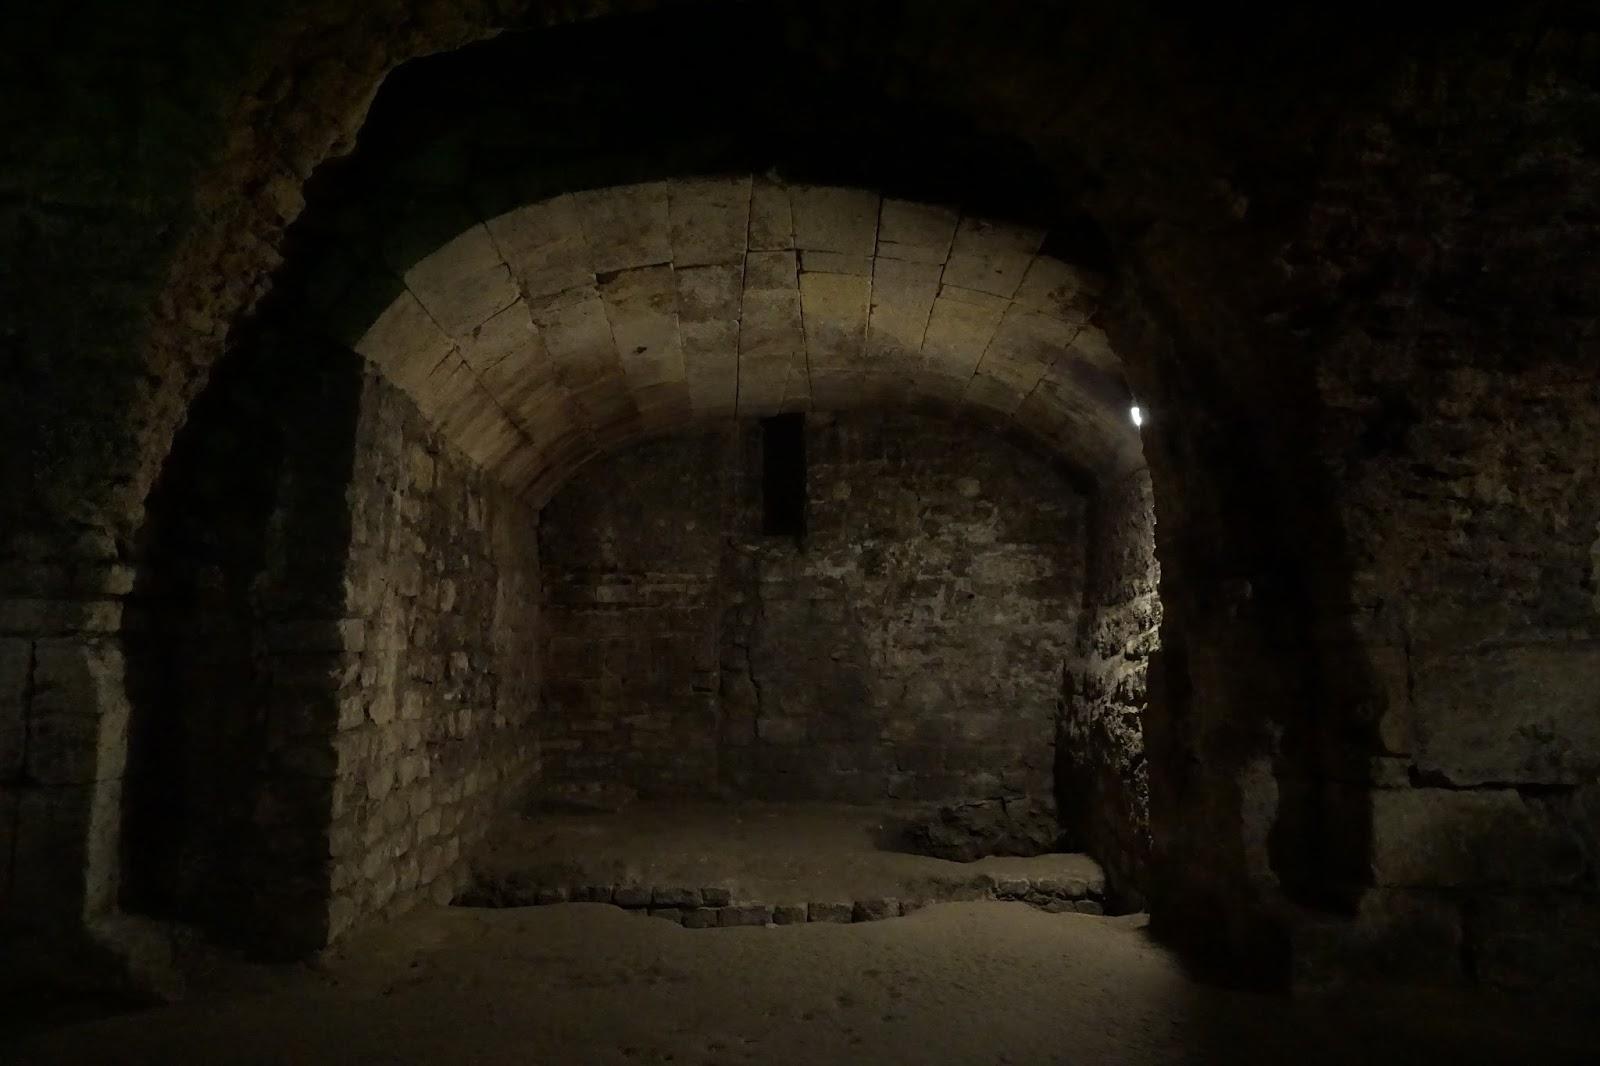 ローマ時代の地下回廊 Les Cryptoportiques(le forum souterrain)